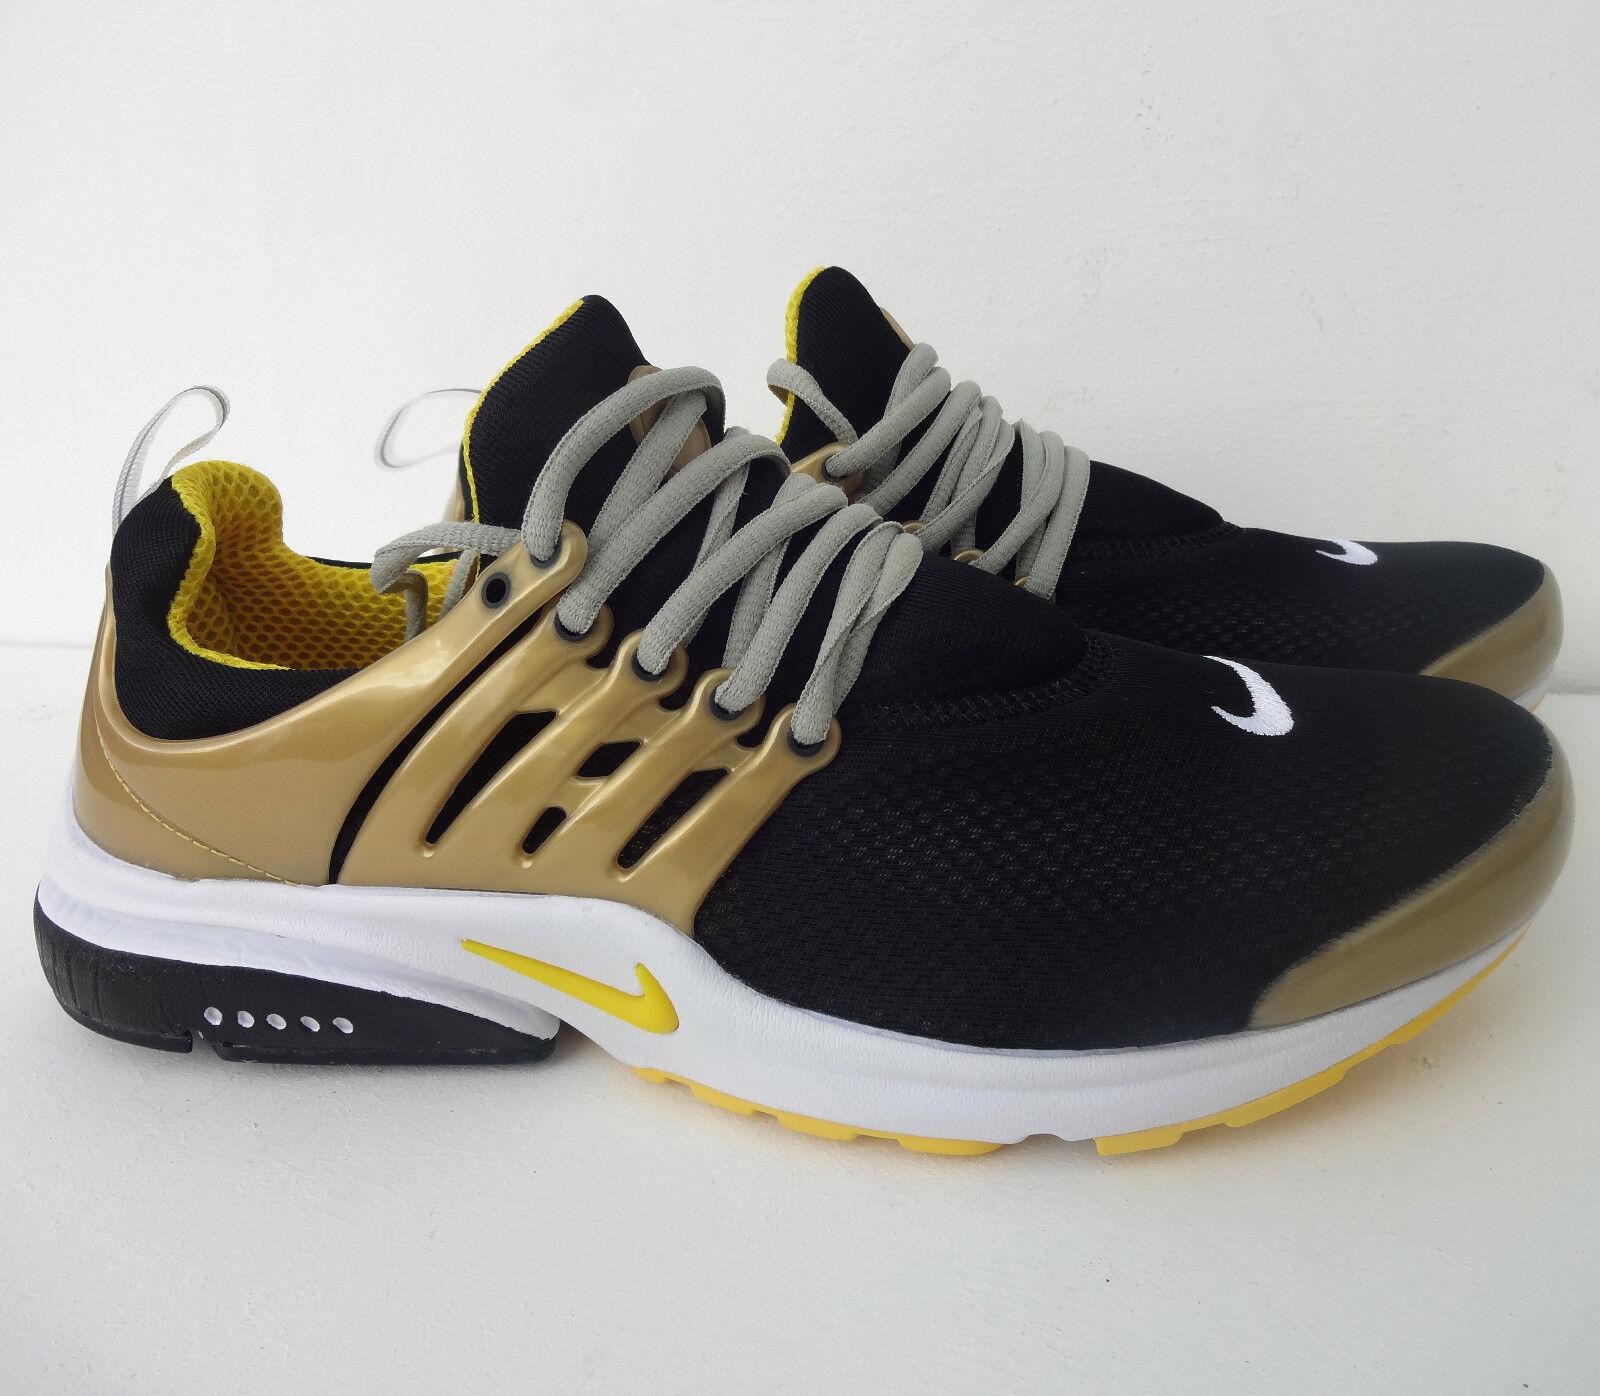 Nike Air Hommes Presto Gold/ Noir  Hommes Air Trainers Chaussures Shox Baskets - 948dfa